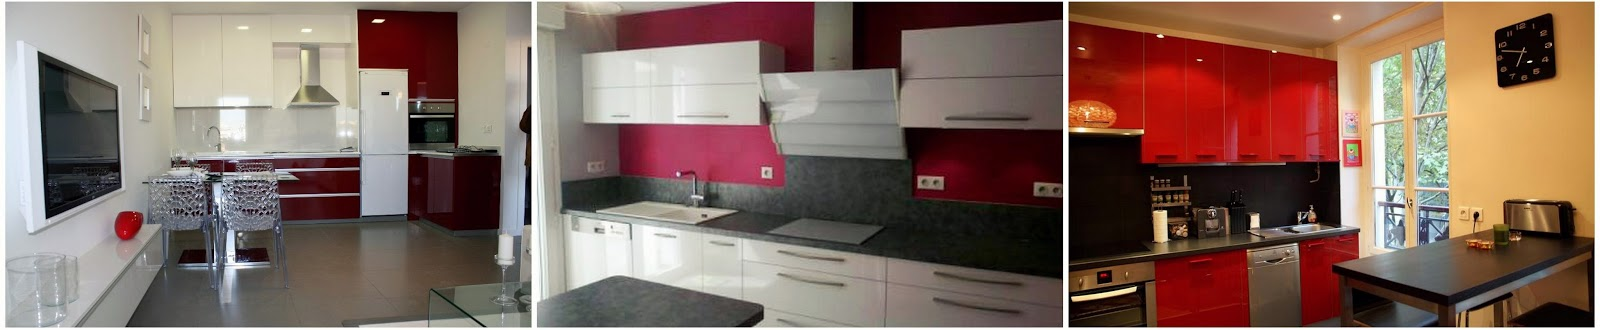 Renovation travaux peinture cuisine paris l 39 artisan for Renovation cuisine peinture